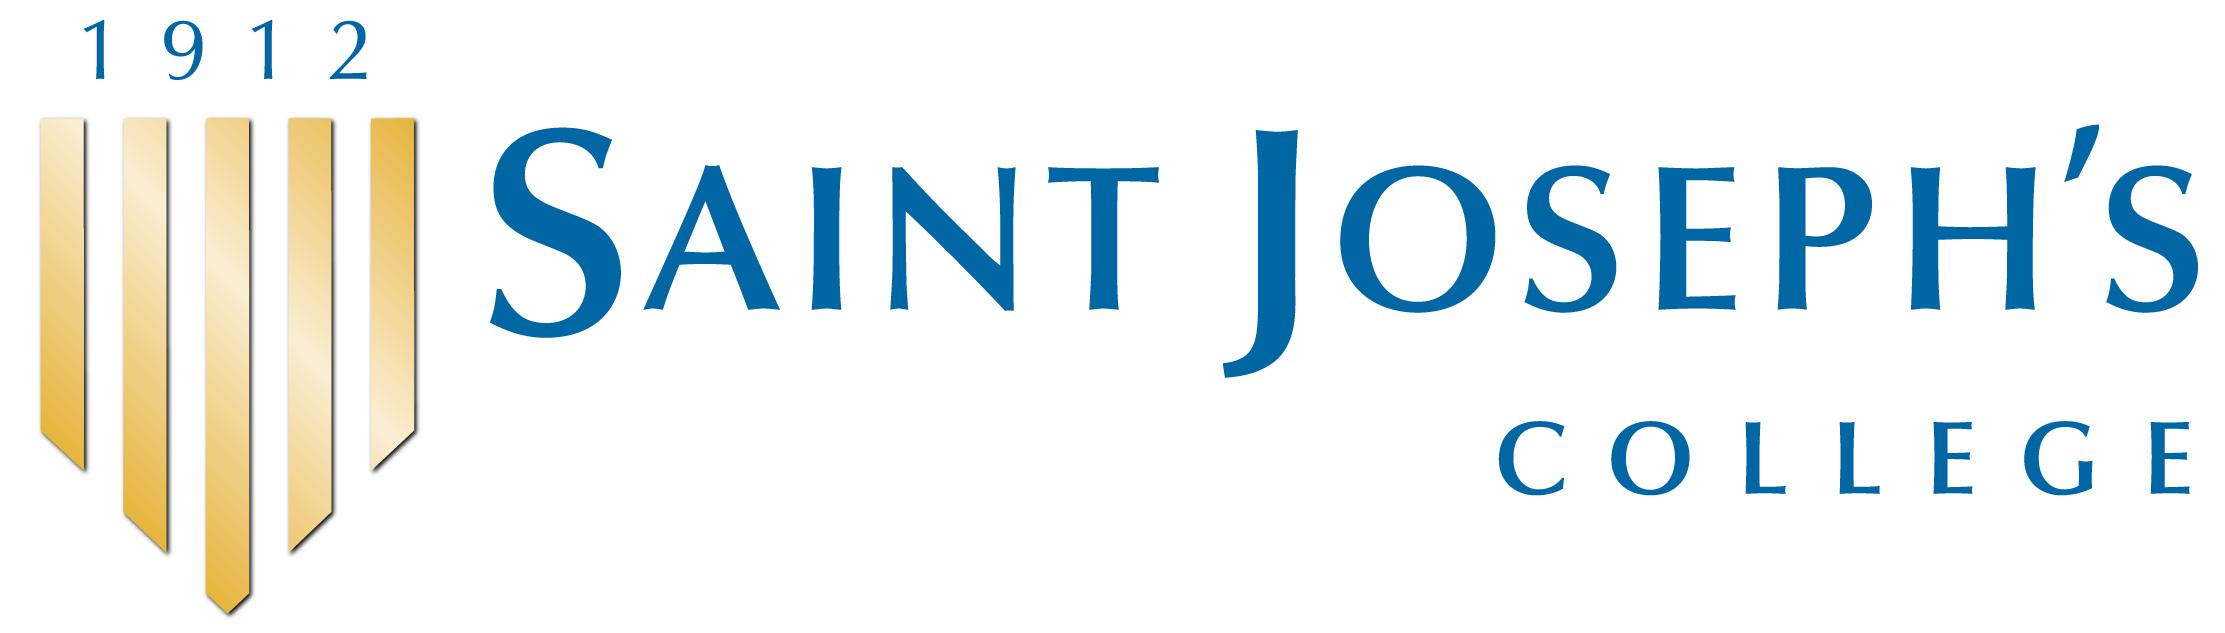 Saint Joseph's College APSI